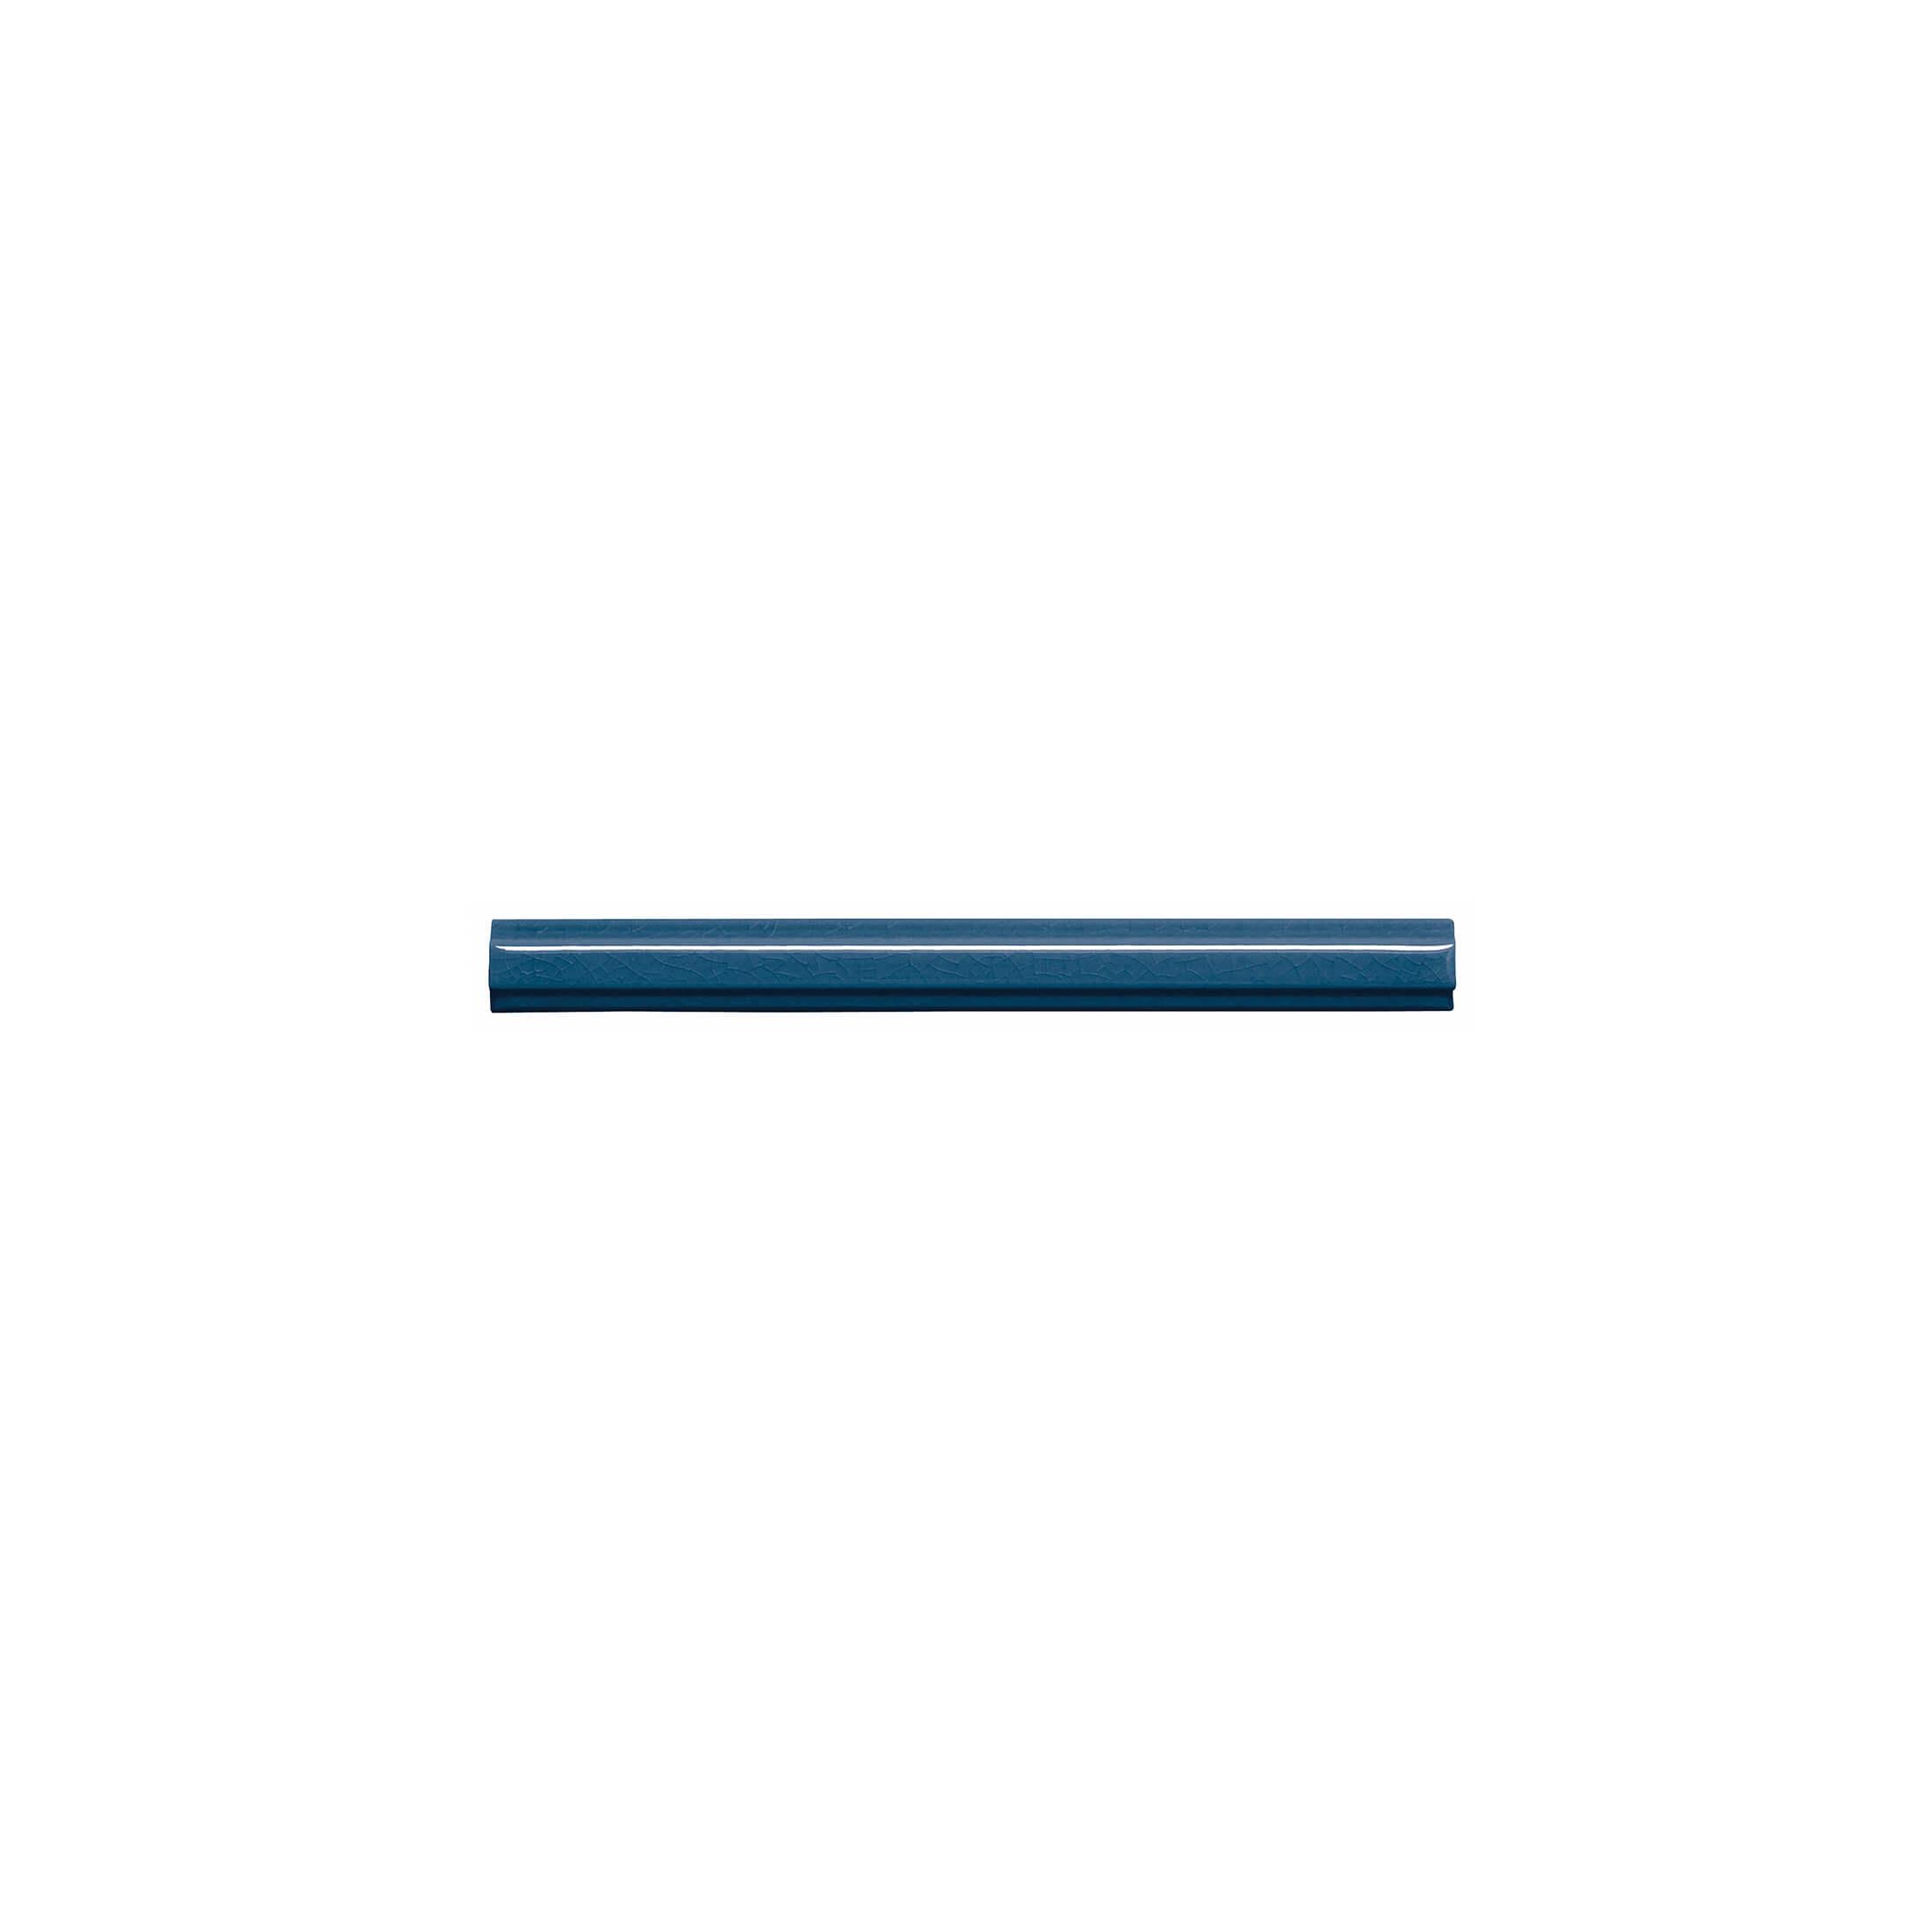 ADMO5269 - LISTELO CLASICO C/C - 1.7 cm X 15 cm